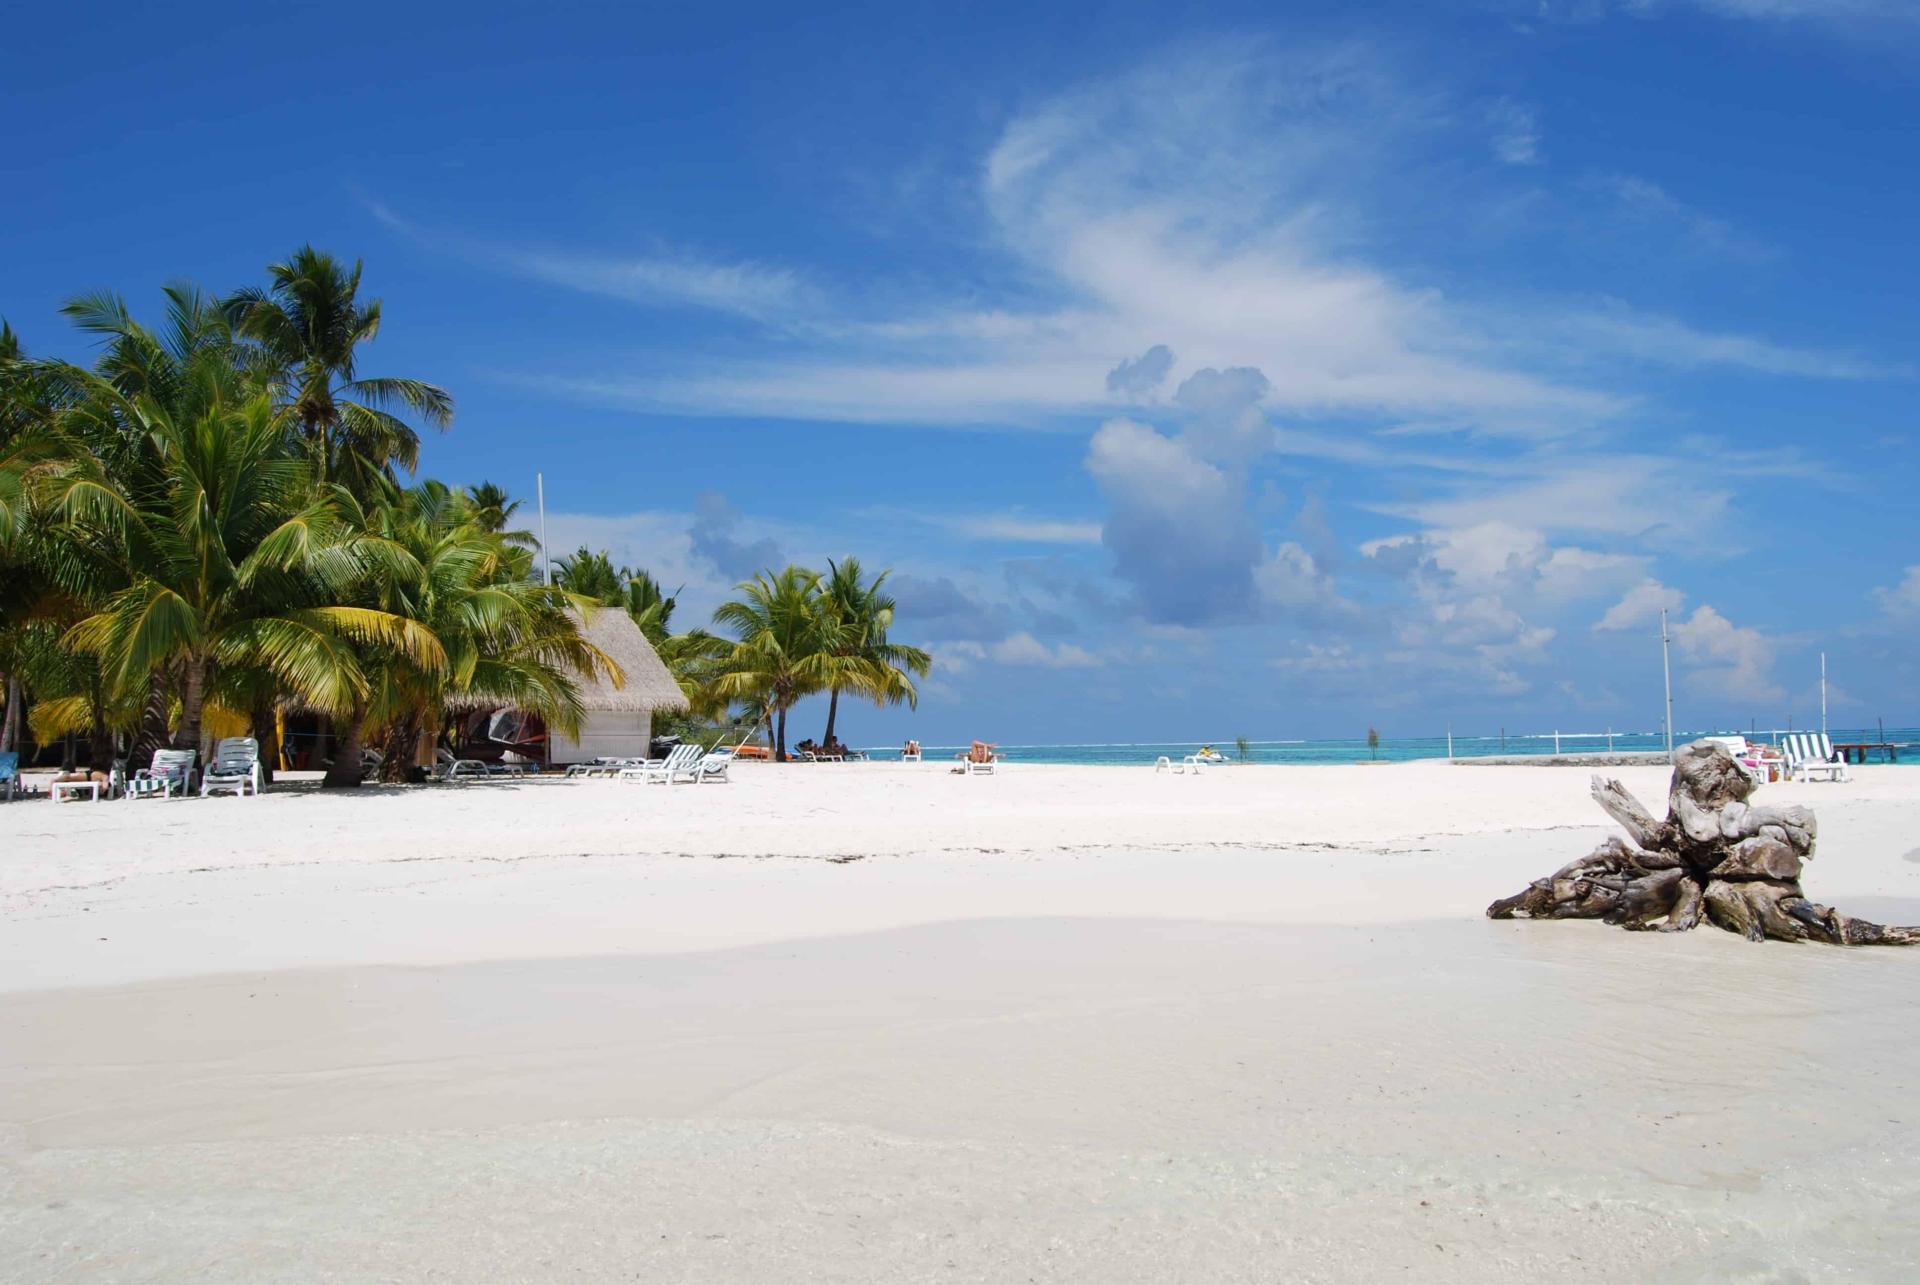 00 Malediven Urlaub Strand